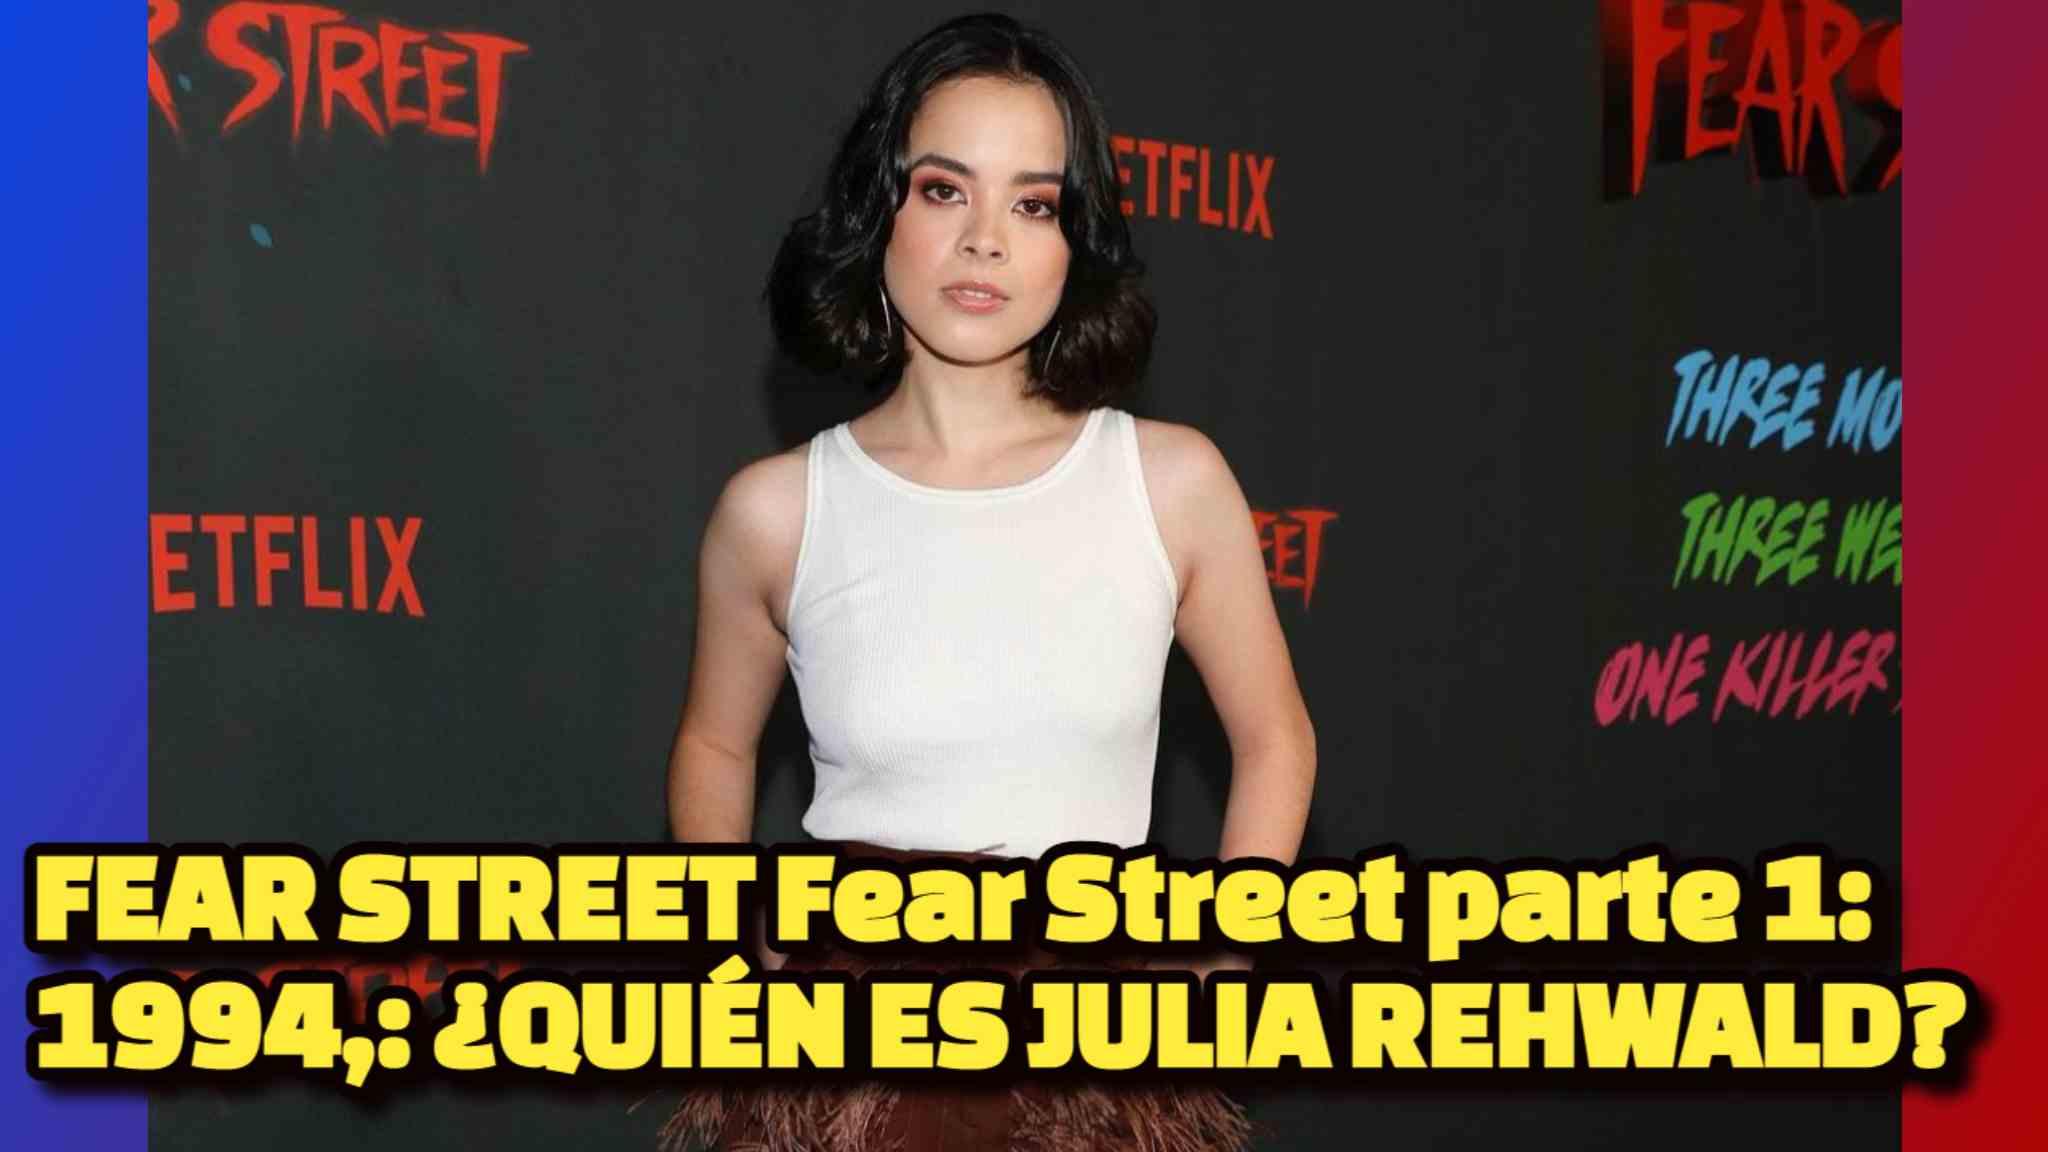 FEAR STREET Fear Street parte 1: 1994,: ¿QUIÉN ES JULIA REHWALD?